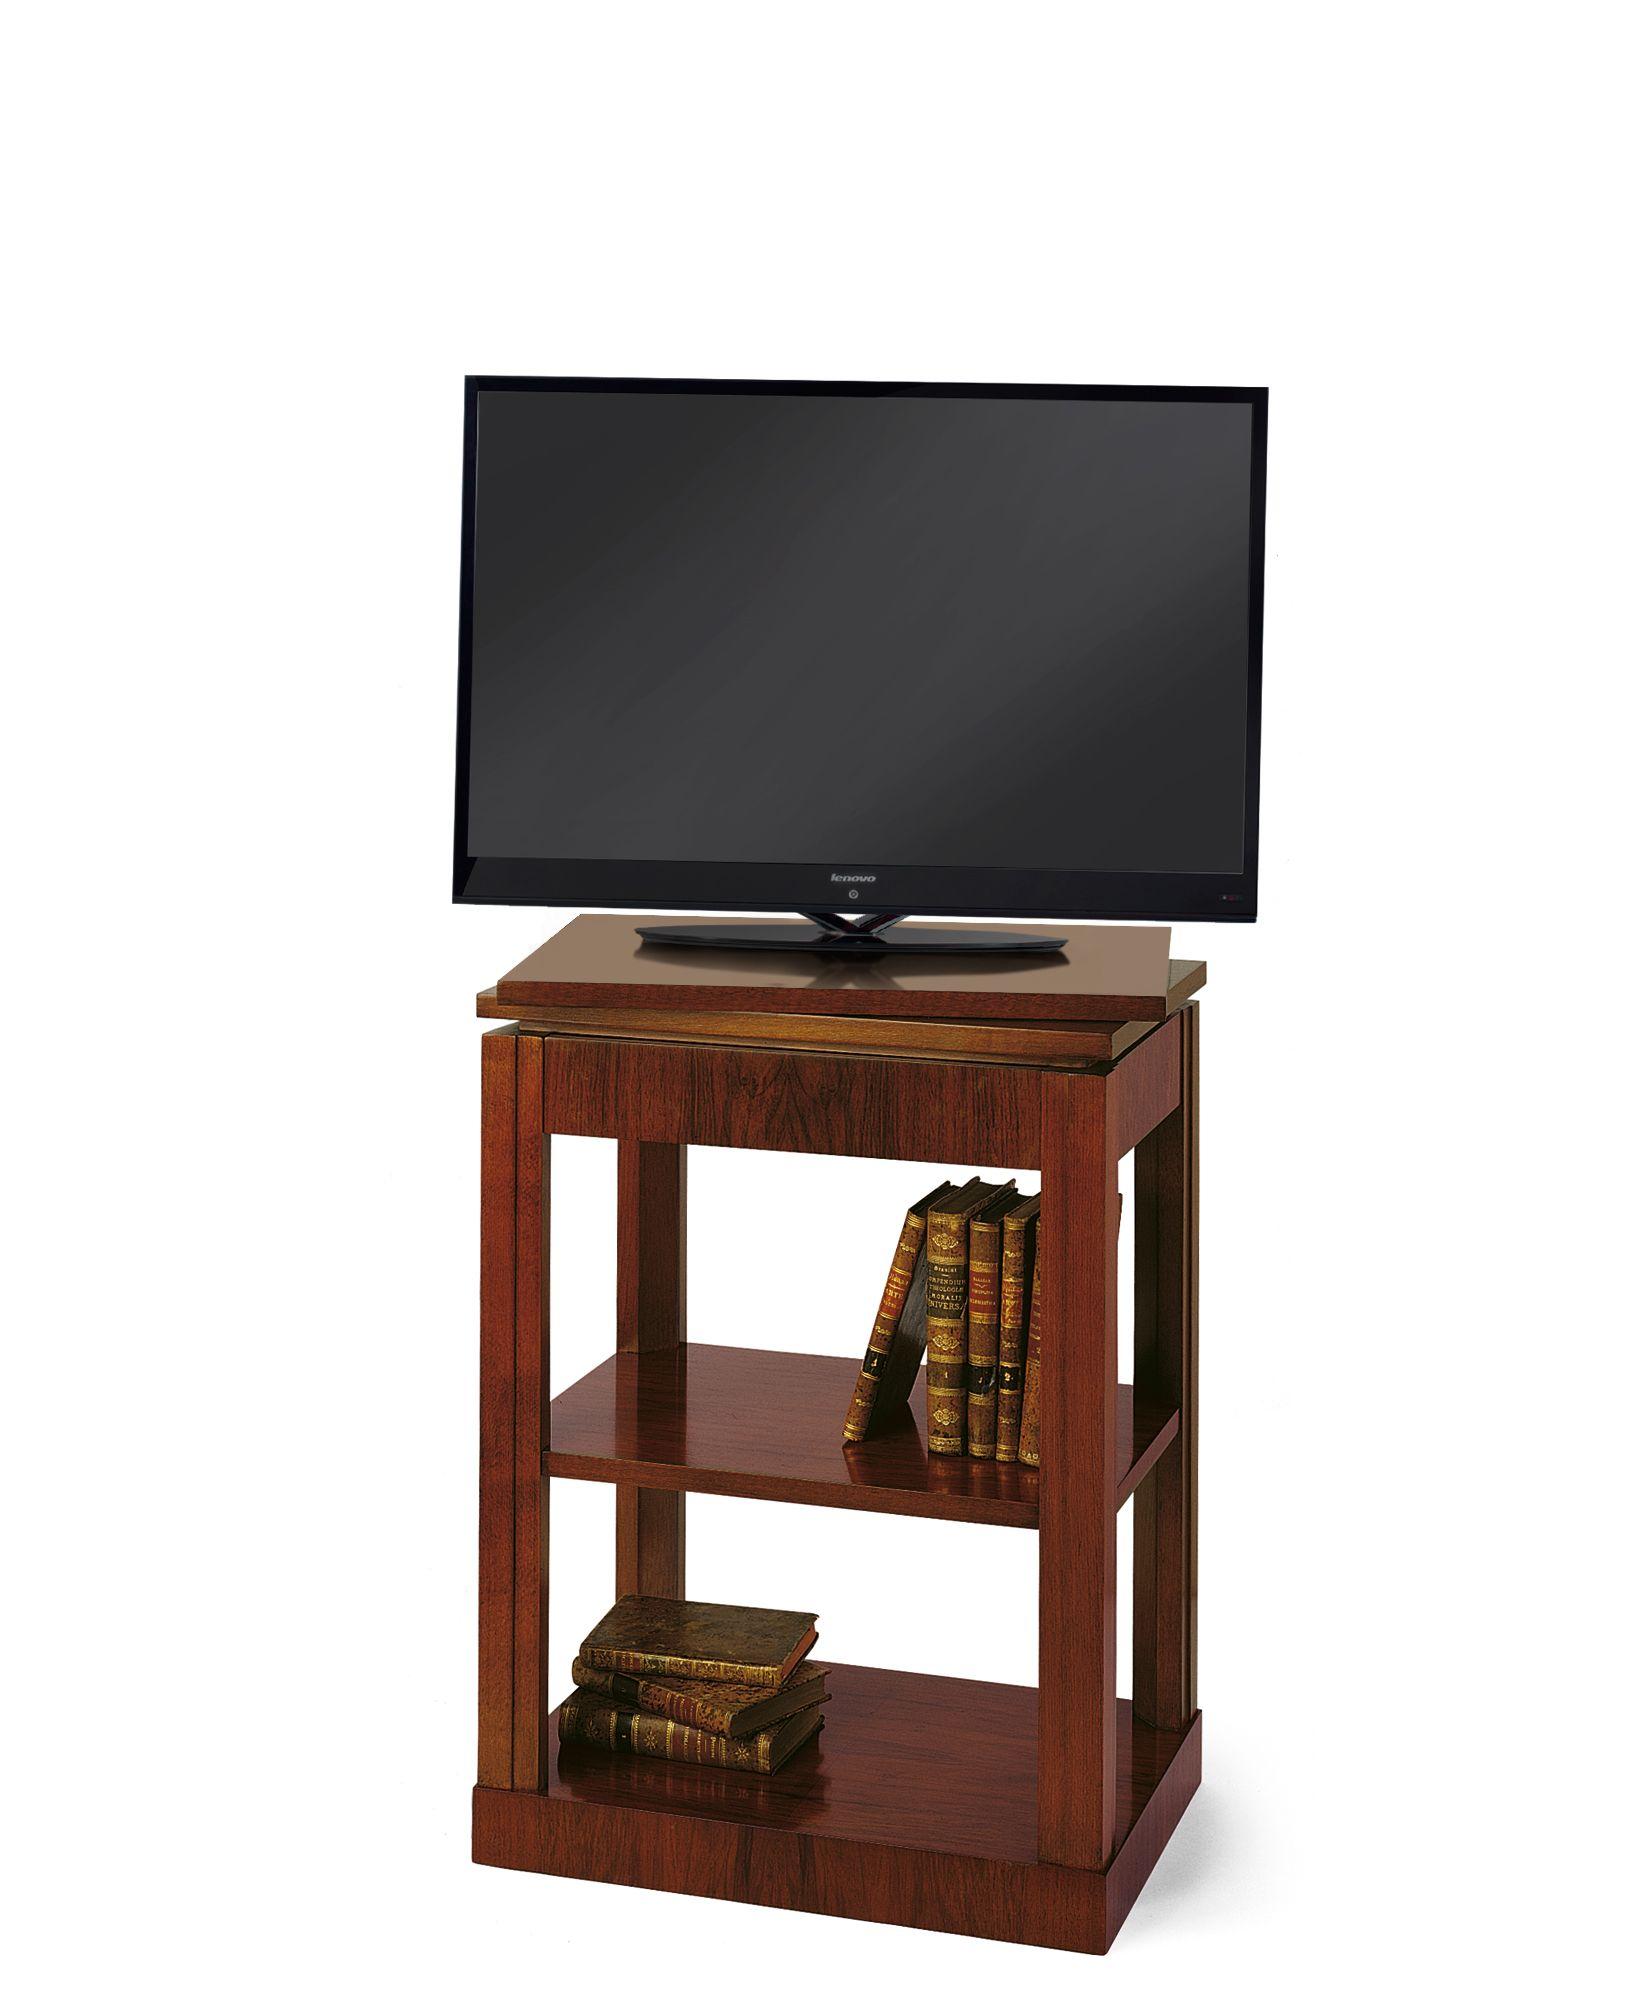 Mueble De Televisi N Formado Por Una Estructura De Cuatro  # Muebles Podesta